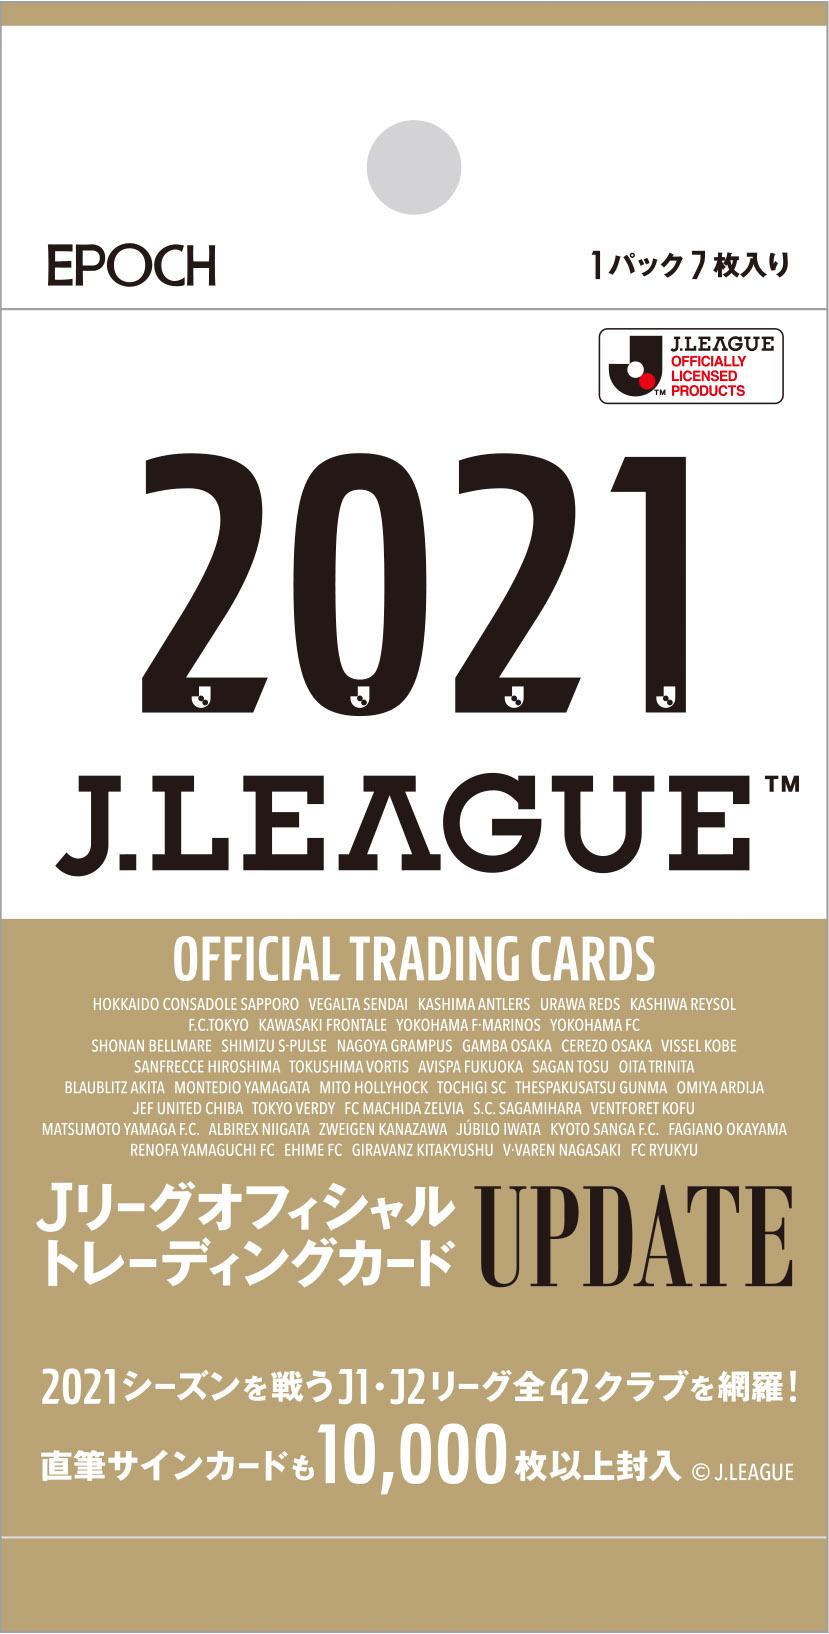 2021年11月20日発売 00-57114 発売モデル 予約 EPOCH 数量限定 1ボックス Jリーグオフィシャルカード UPDATE 2021